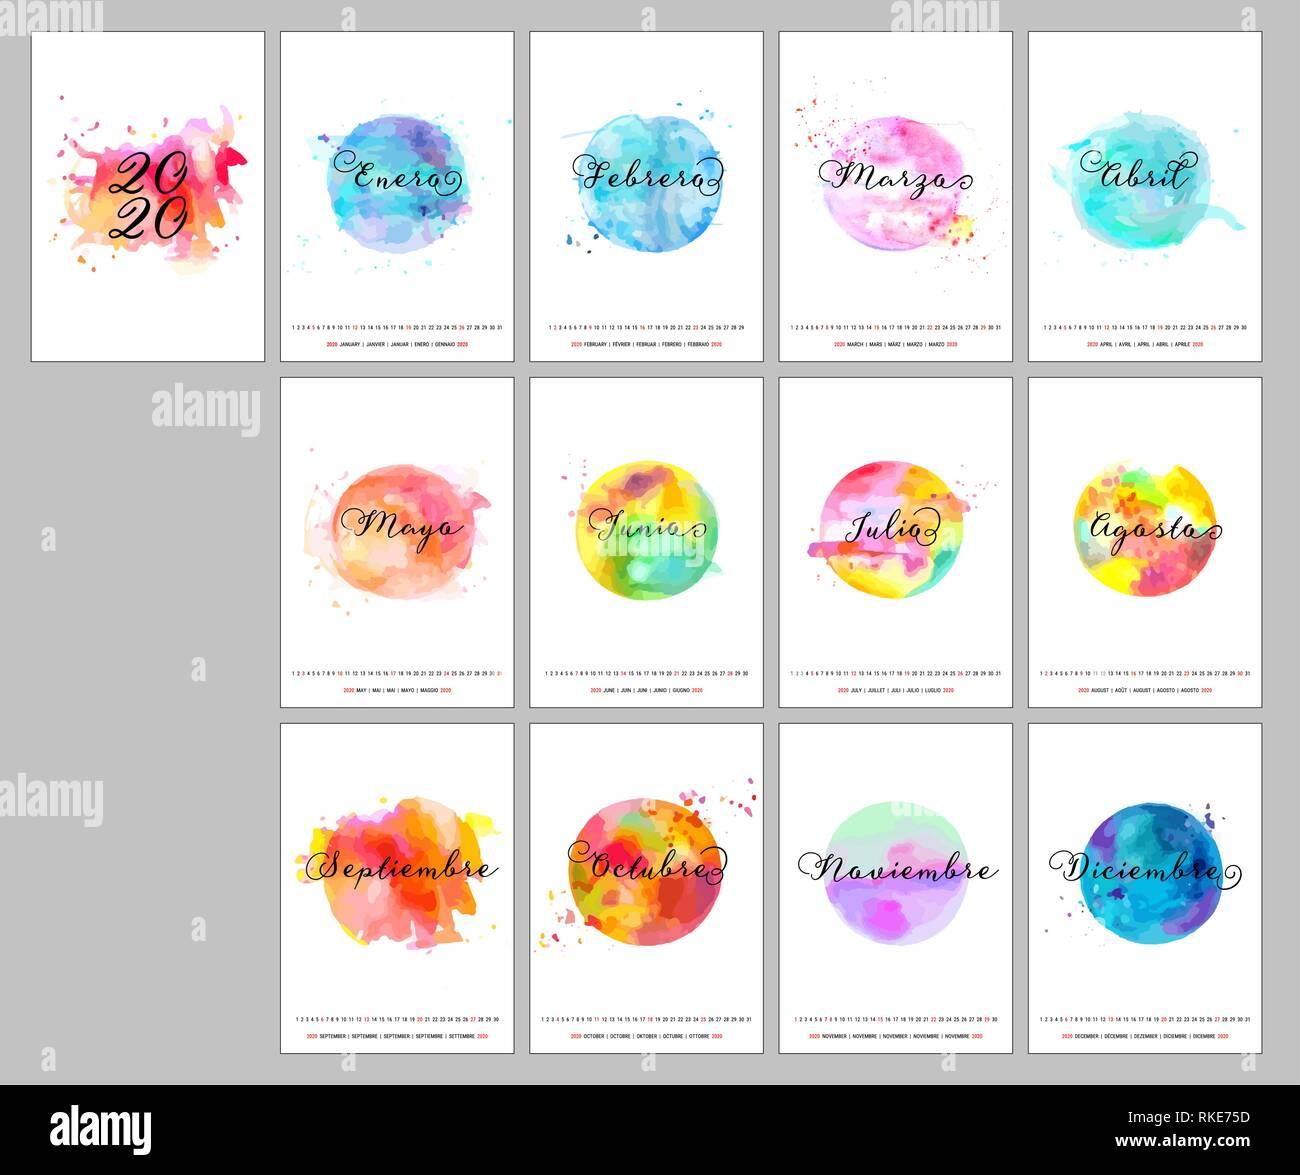 Kinder Calendario Avvento 2020.Calendario Stock Photos Calendario Stock Images Page 3